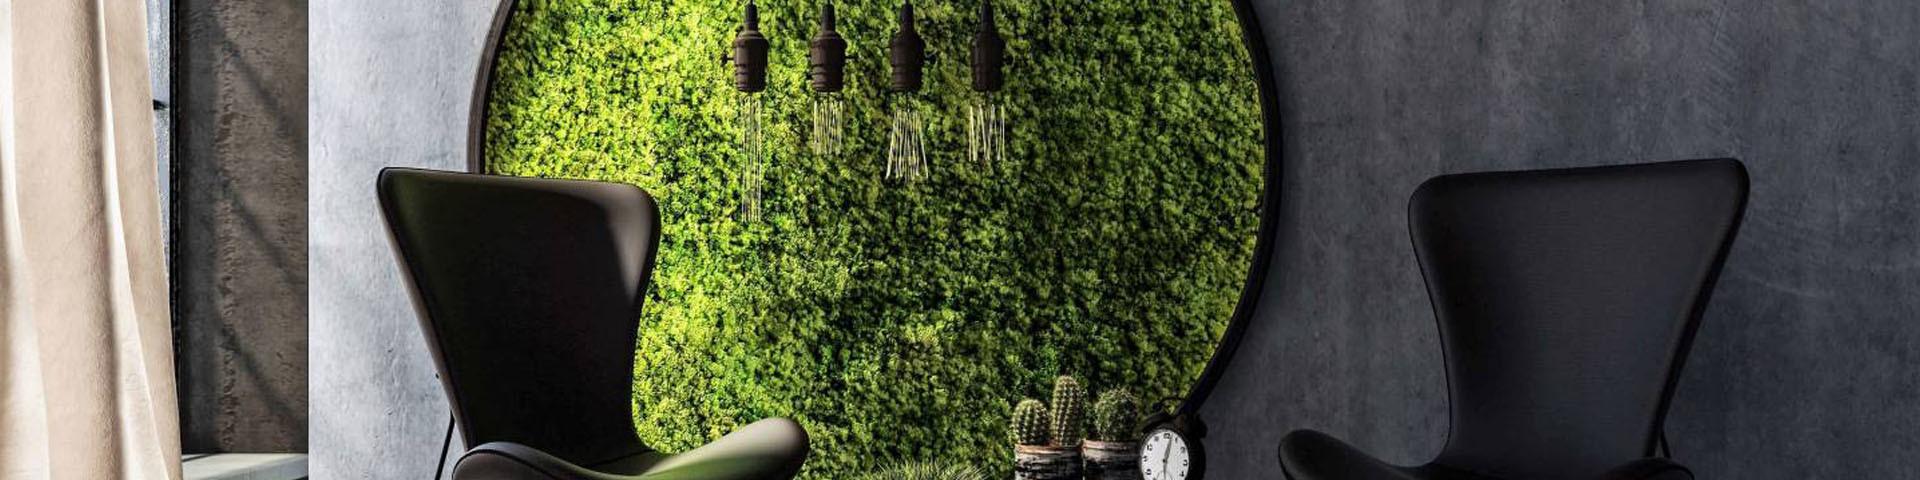 Distributeur de Mur Végétal Artificiel - Chic et Design